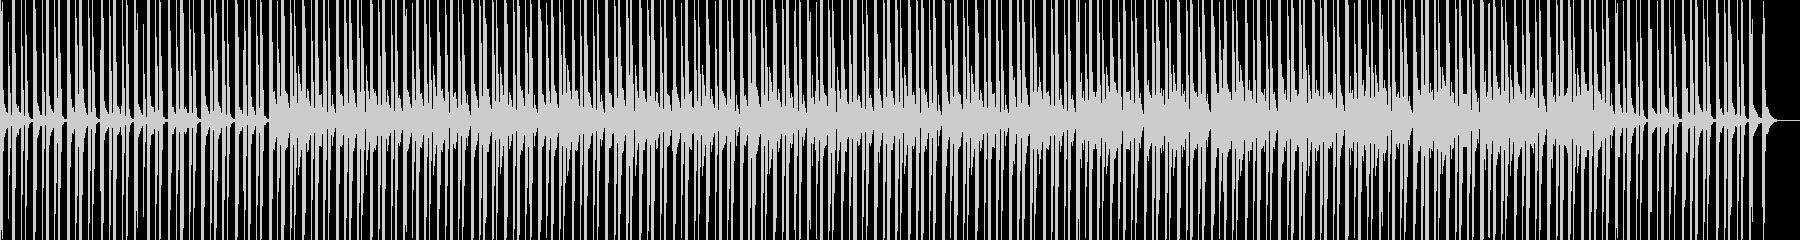 ピアノ エレクトロニカ ミニマルの未再生の波形